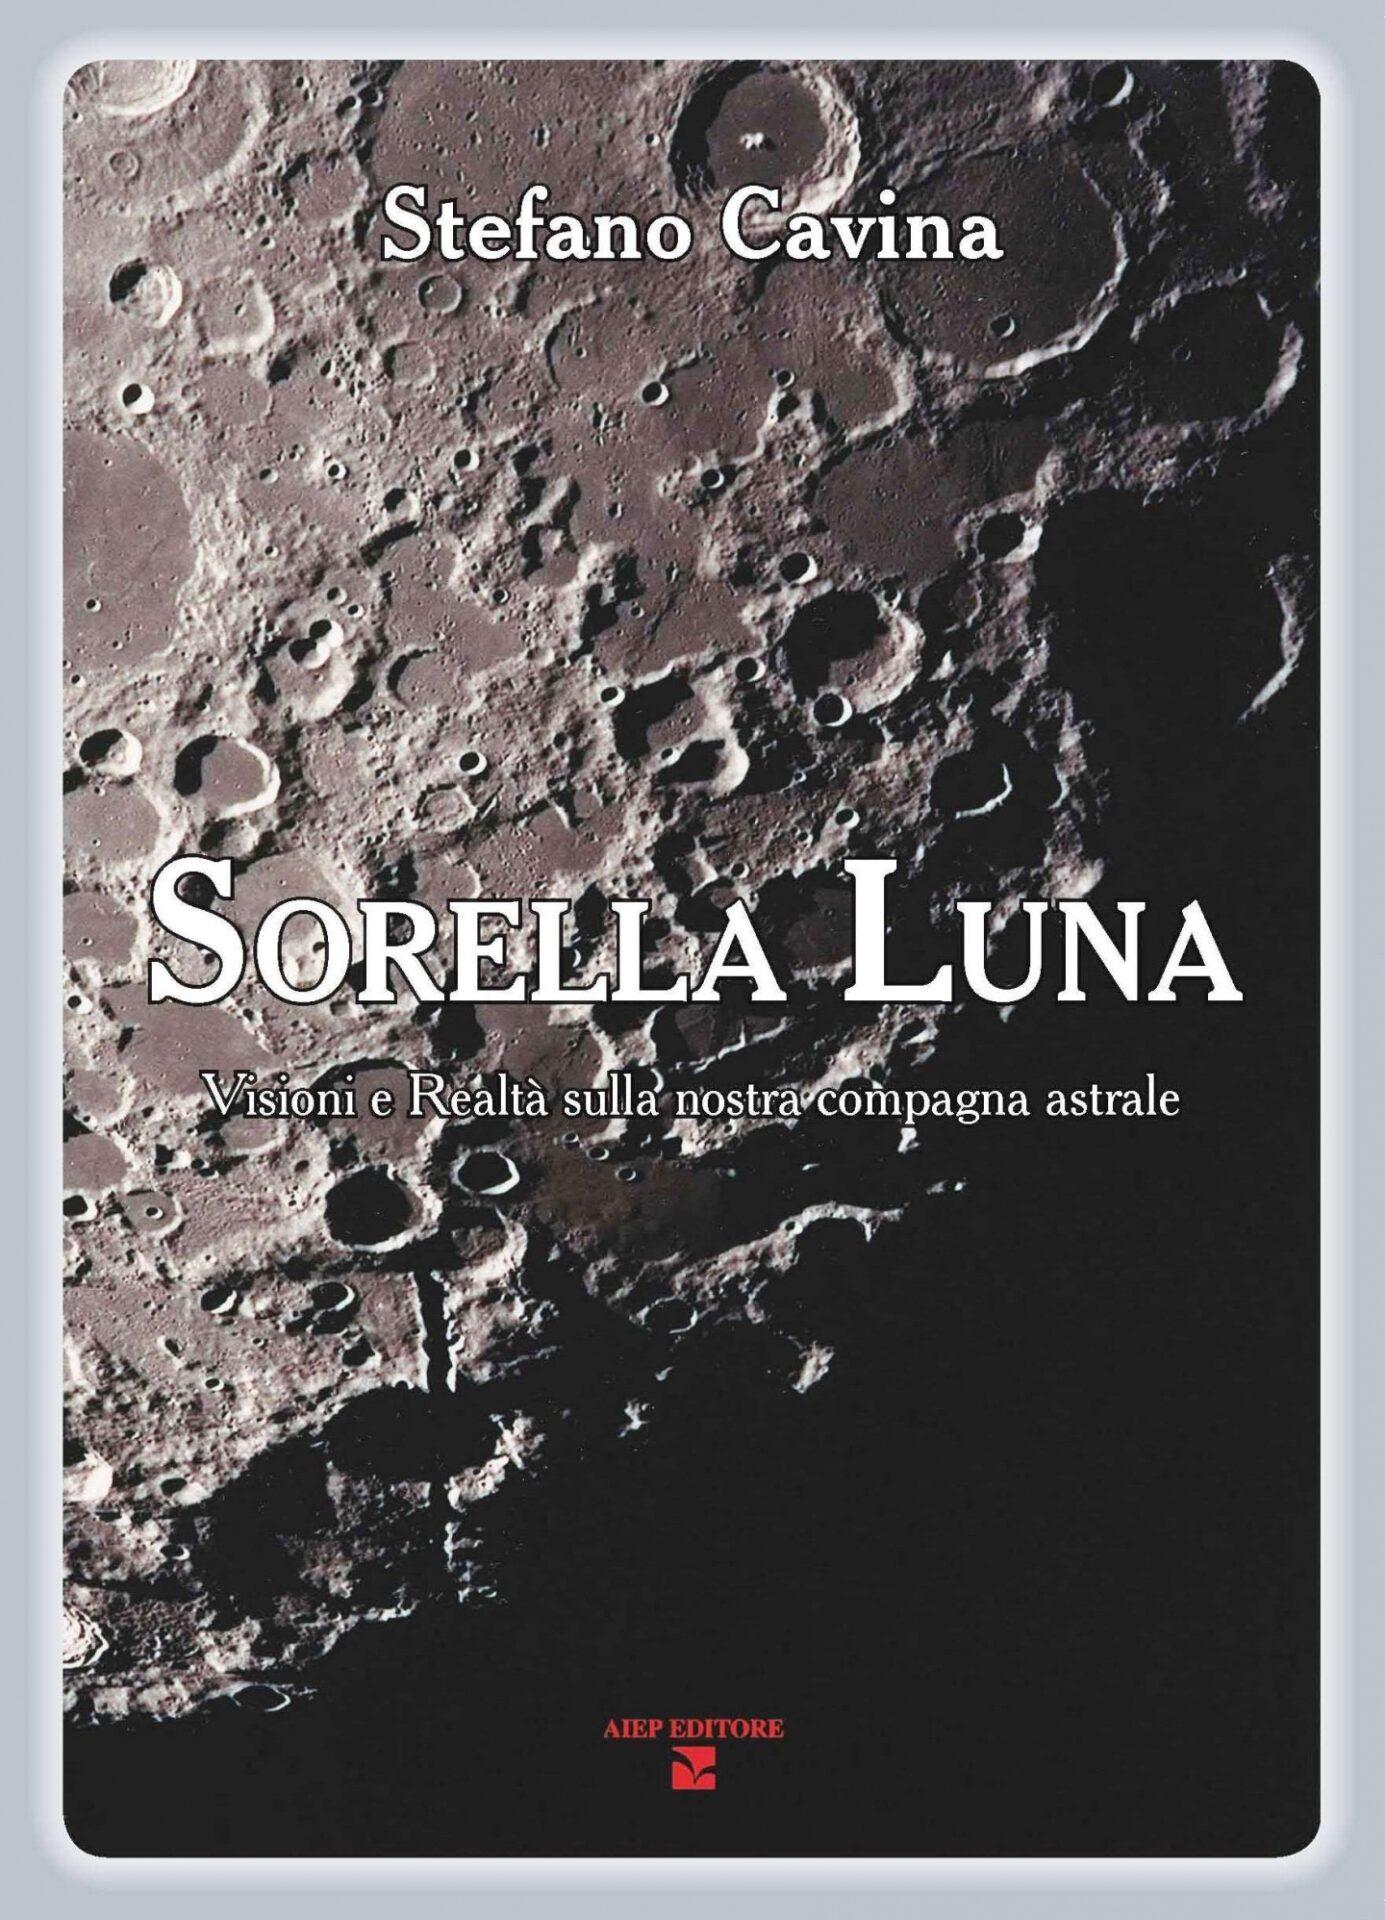 Sorella Luna visioni e realtà della nostra compagna astrale